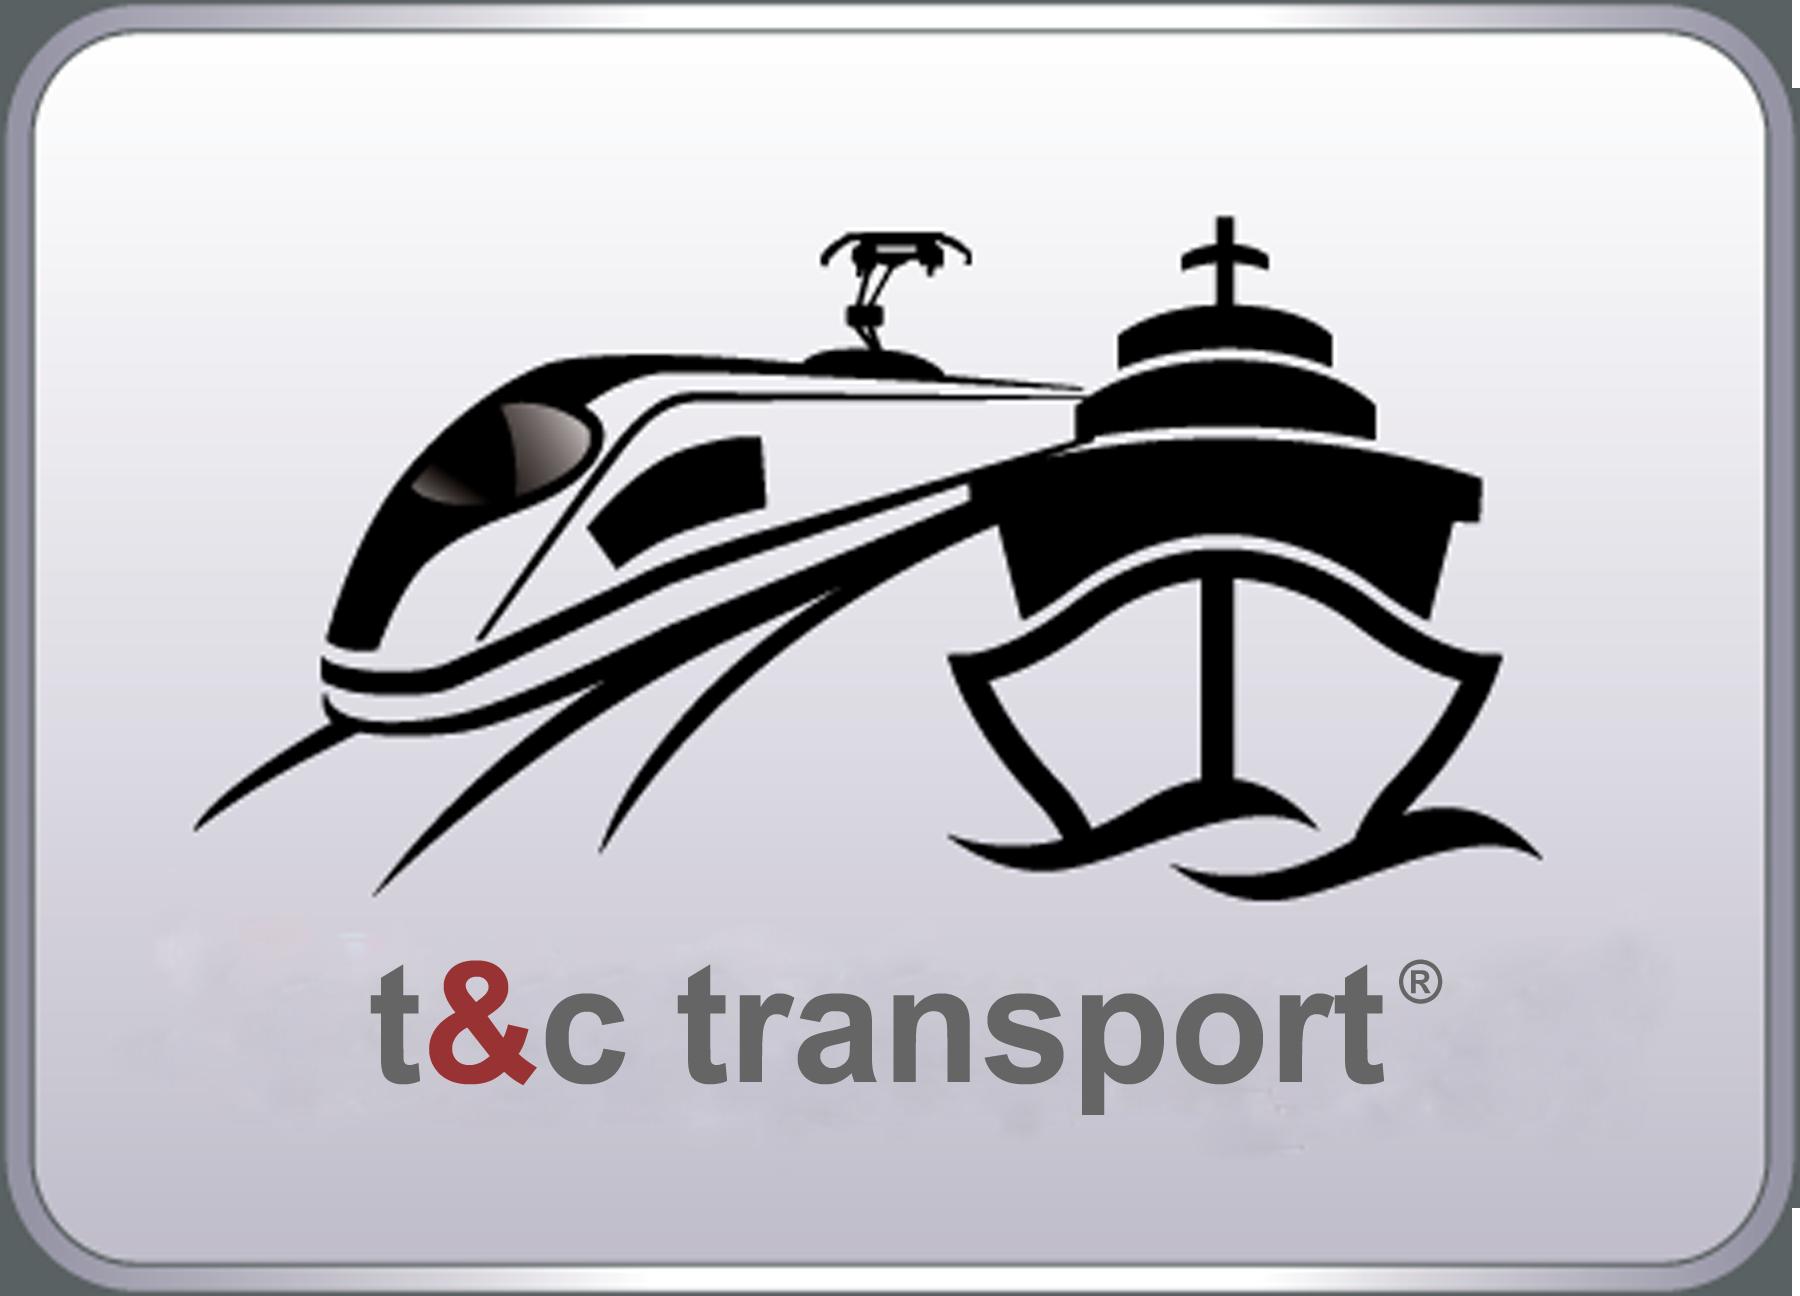 t&c_transport